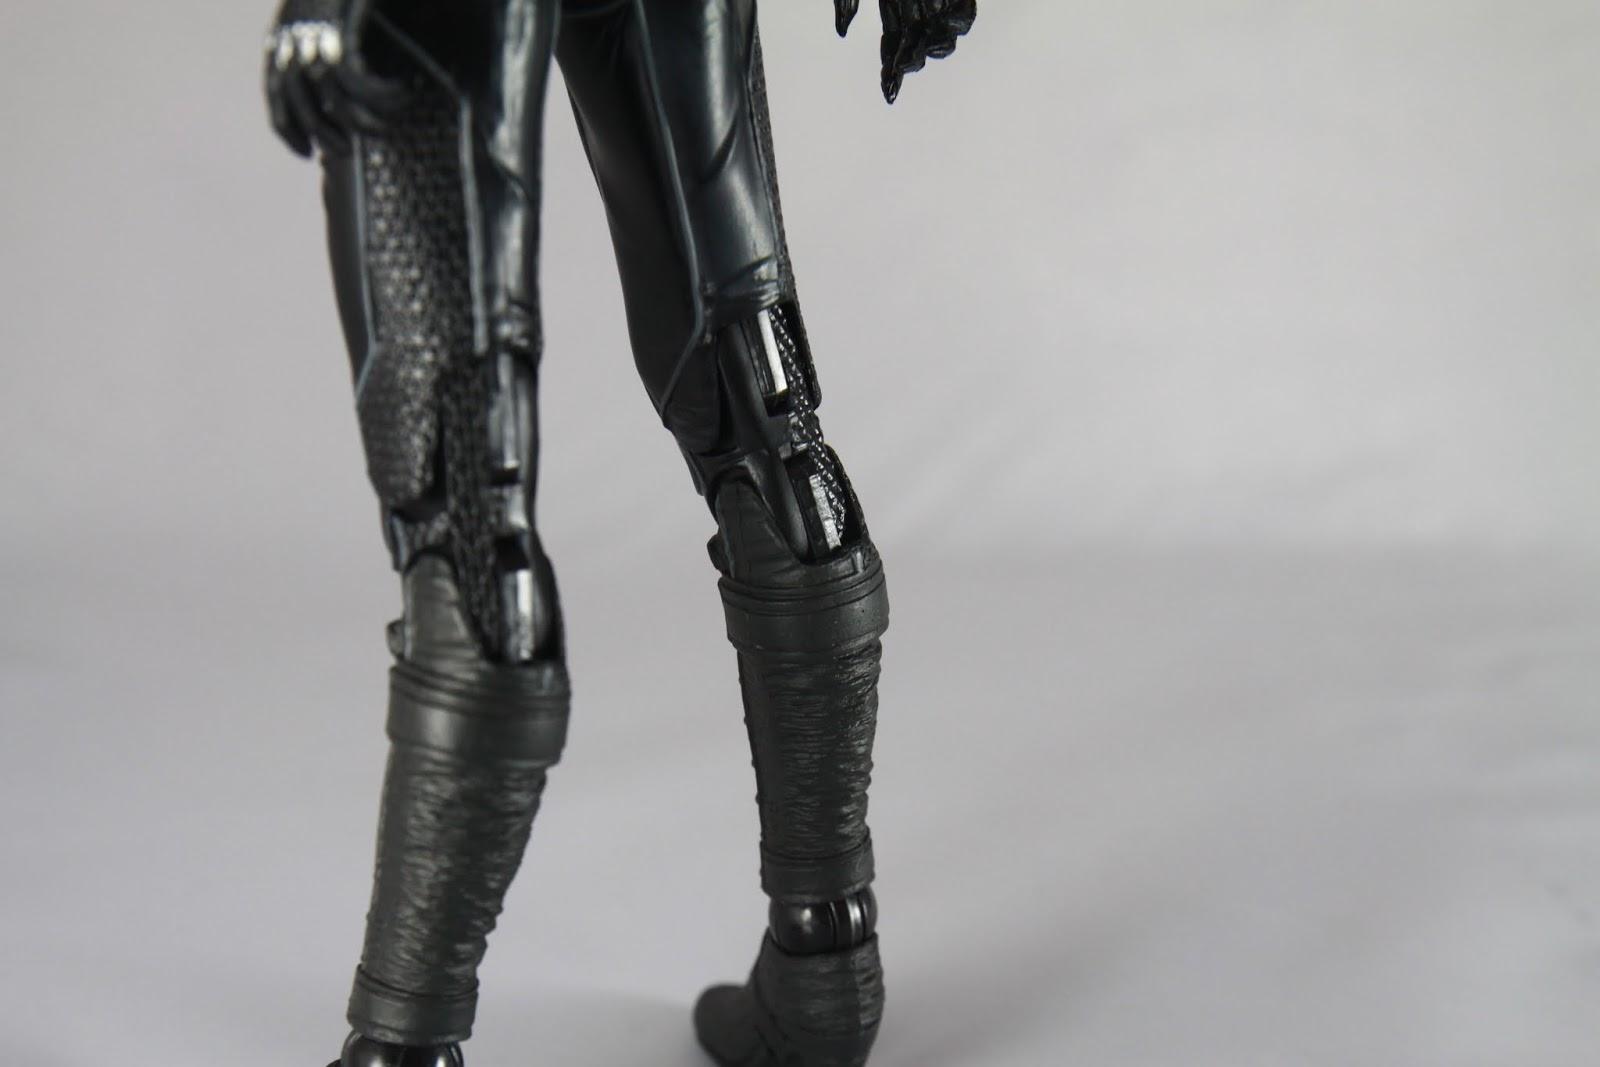 注意看左小腿跟右小腿的樣子 我買到的這組 根本是兩個右小腿啊! 根本是瑕疵品裝錯了啊! 這導致喬姿勢非常有難度啊! 還有她小腿肚其實左右邊不一樣大啊!